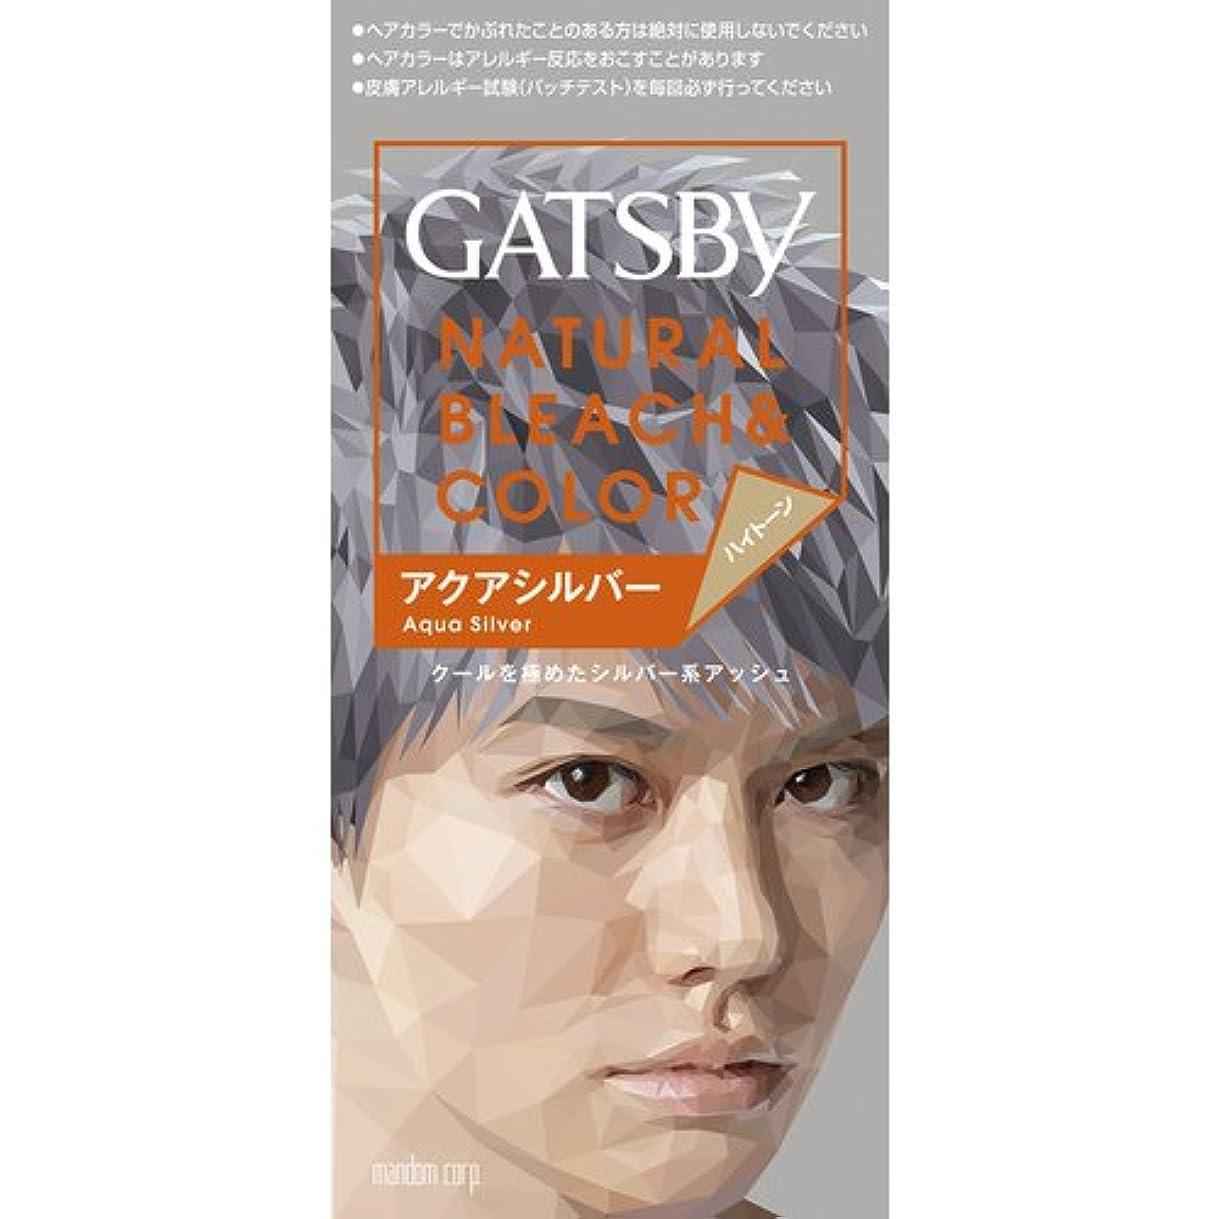 騒乱確実よく話されるギャツビー(GATSBY) ナチュラルブリーチカラー アクアシルバー 35g+70ml [医薬部外品]